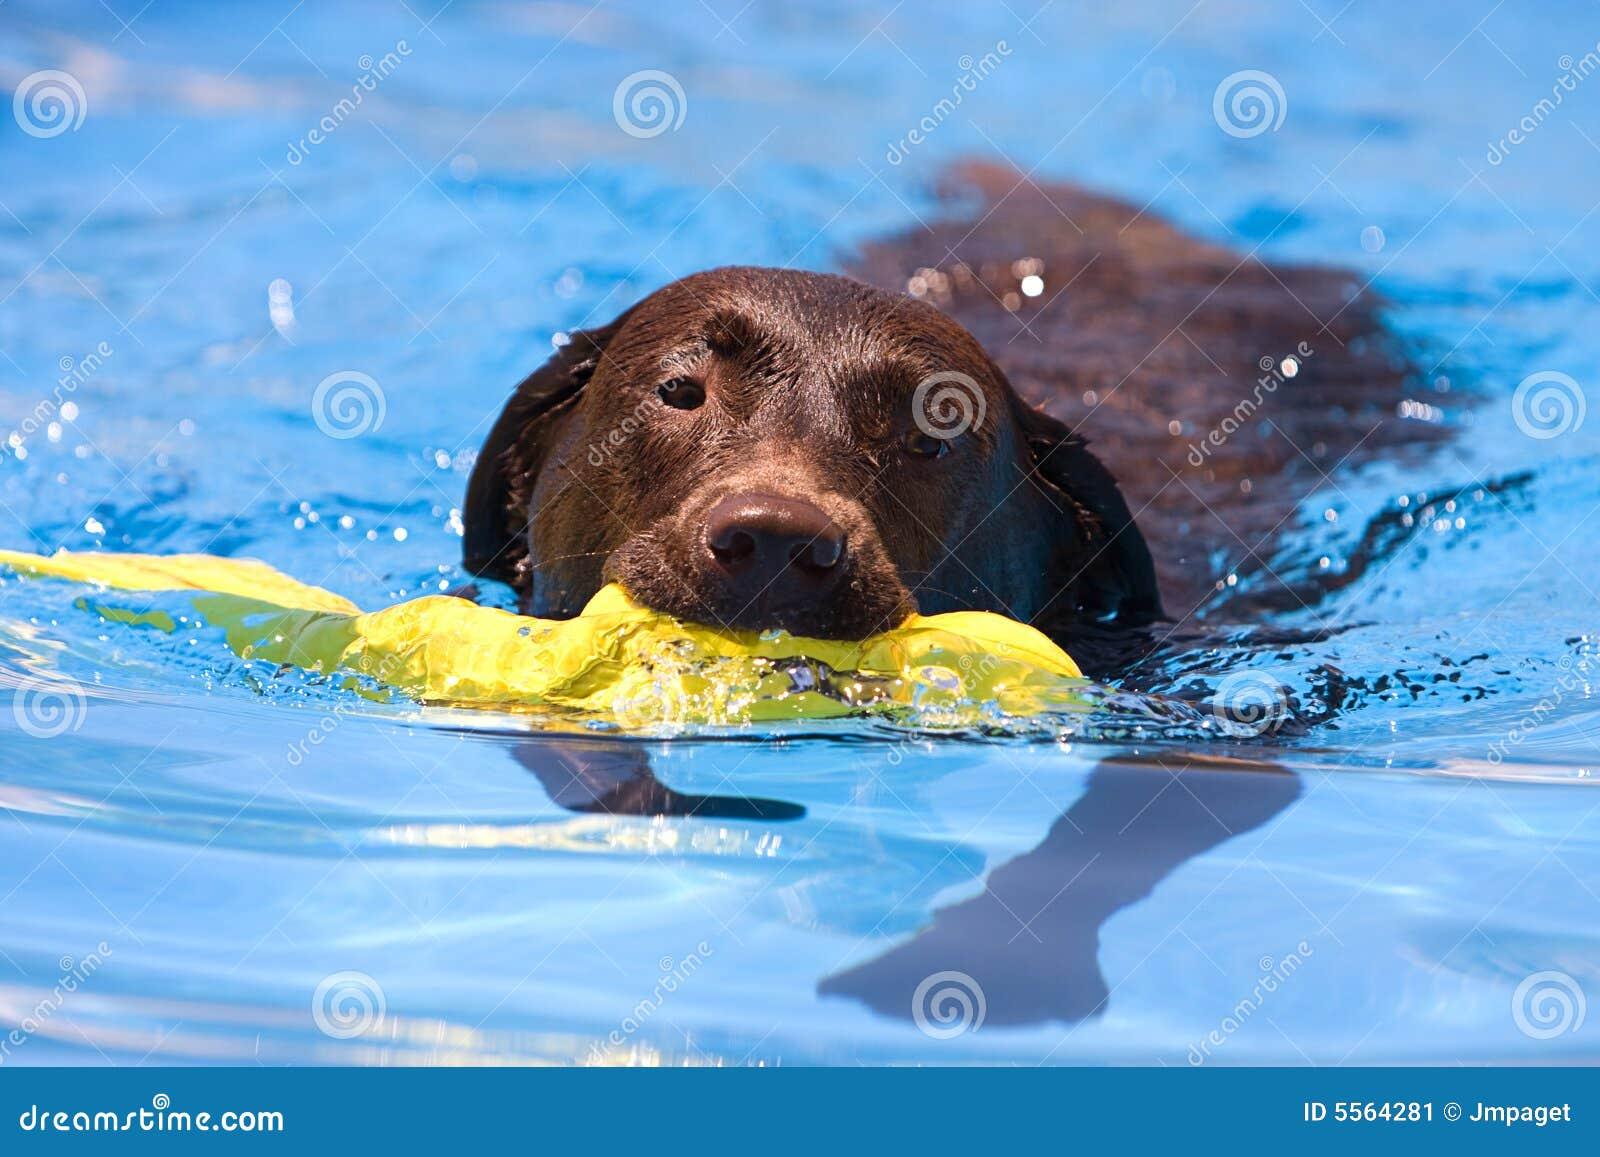 Chocolat labrador recherchant un jouet de l 39 eau image for Internotes r web retriever